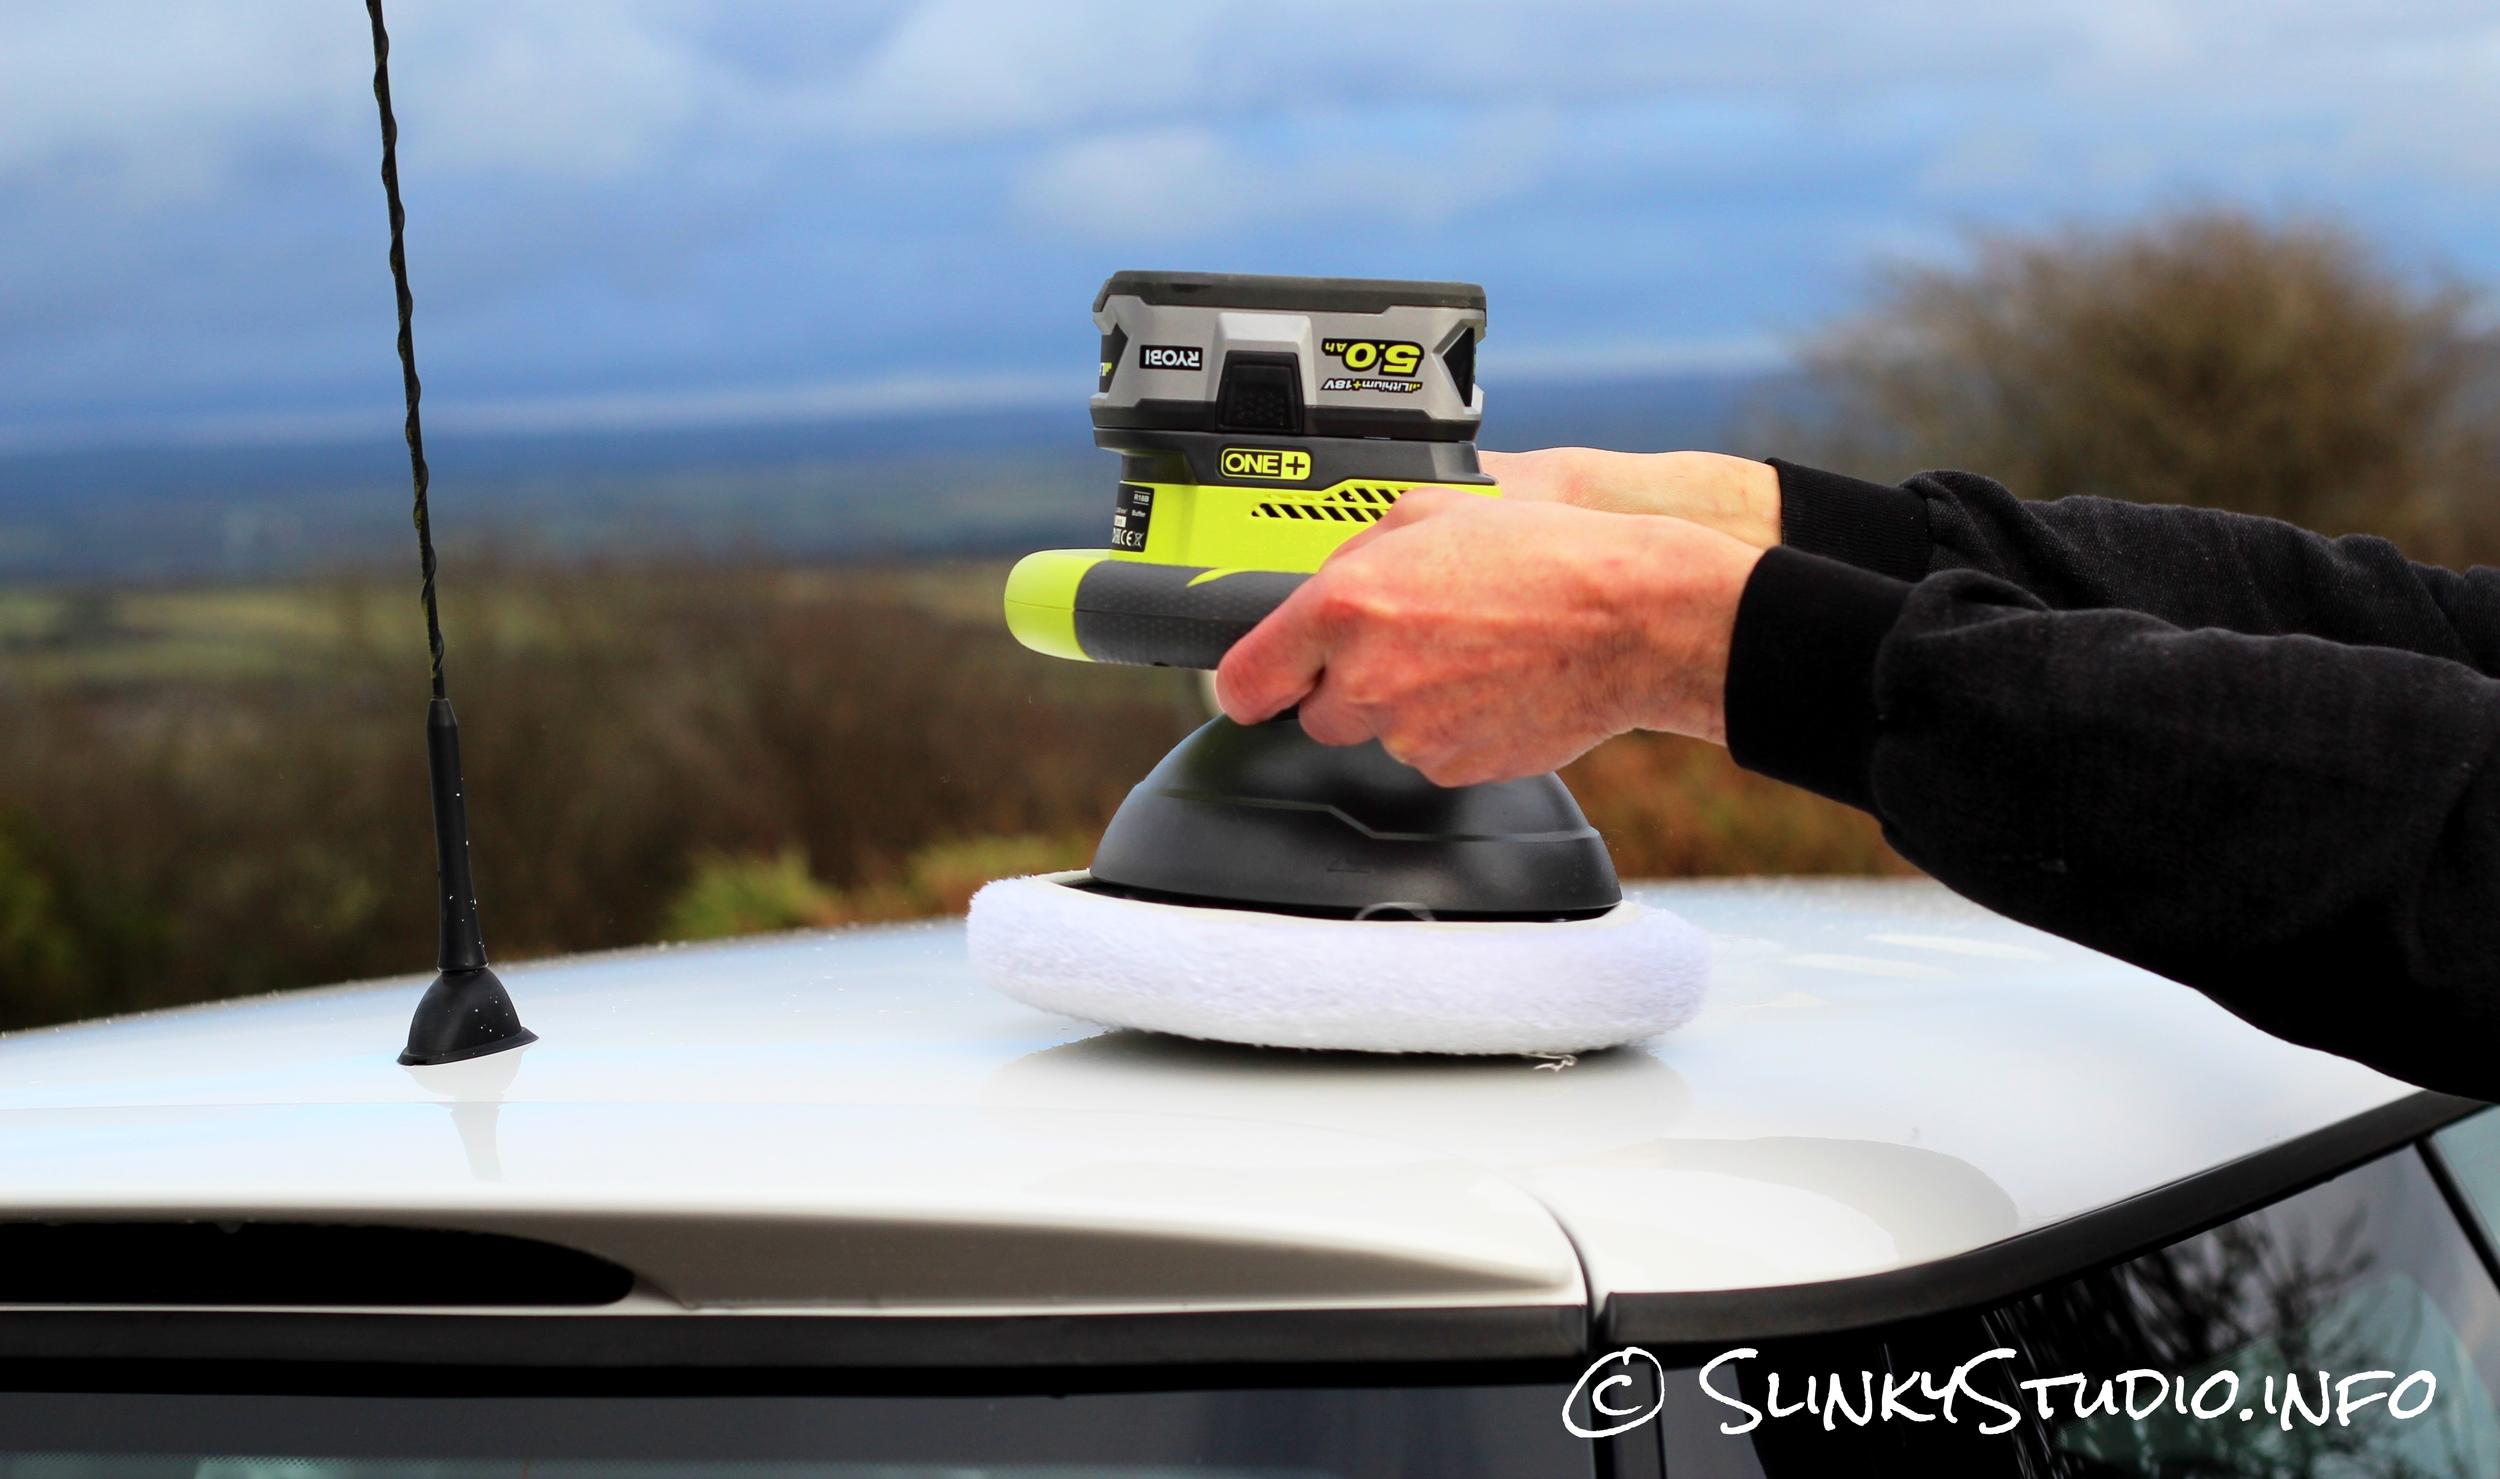 Ryobi 18V One+ Car Buffer MINI Cooper White Roof BRG.jpg